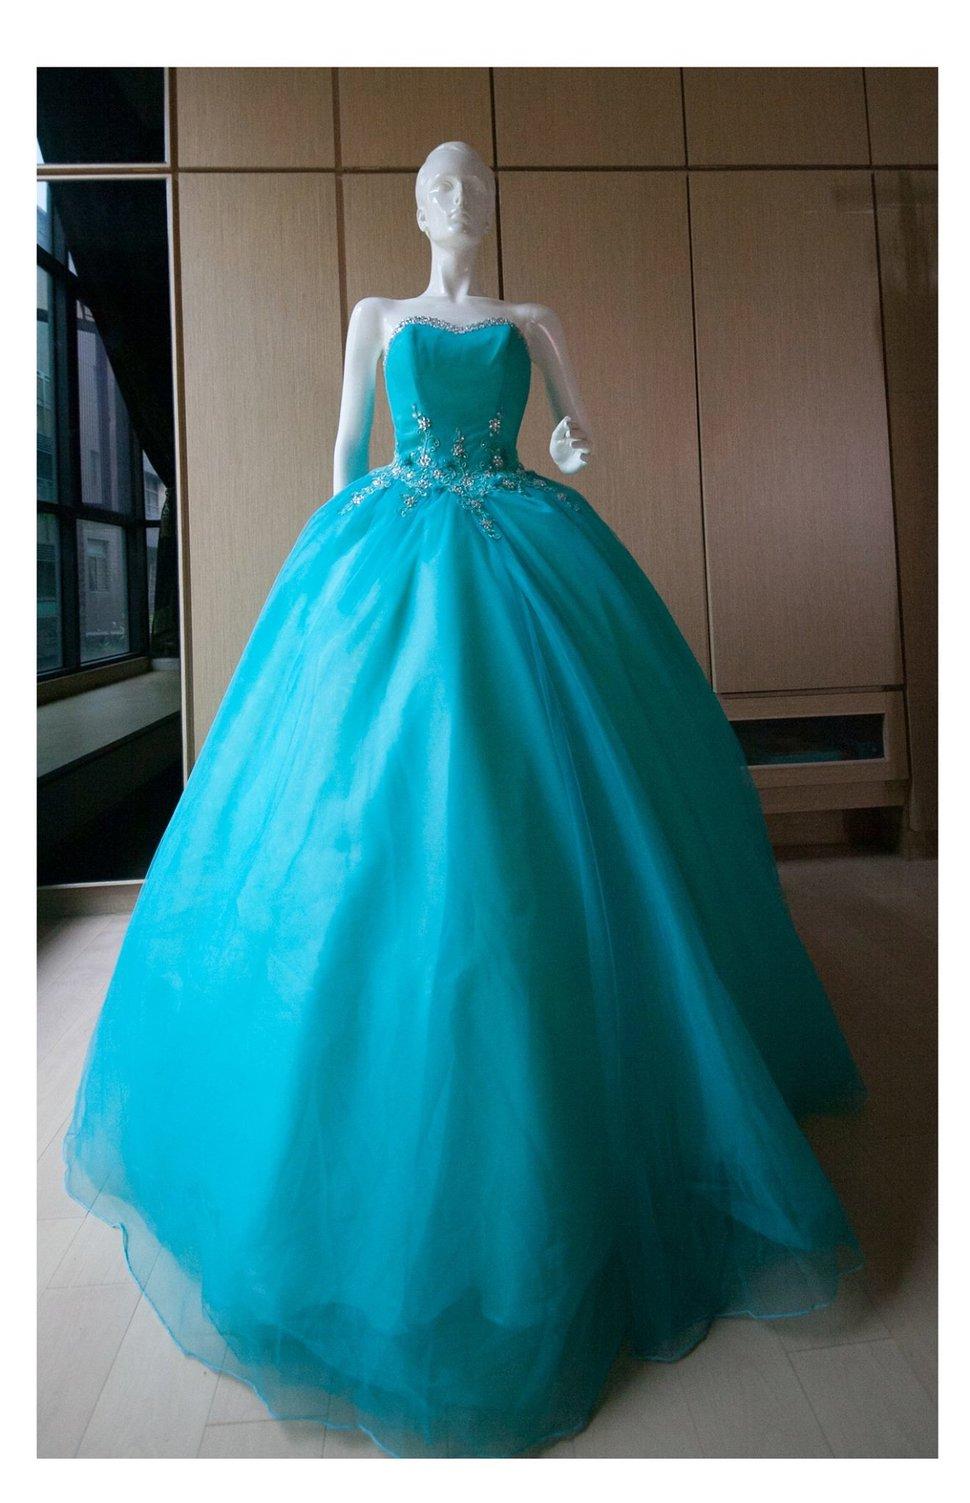 0221 - 台中2號出口婚紗攝影工作室 - 結婚吧